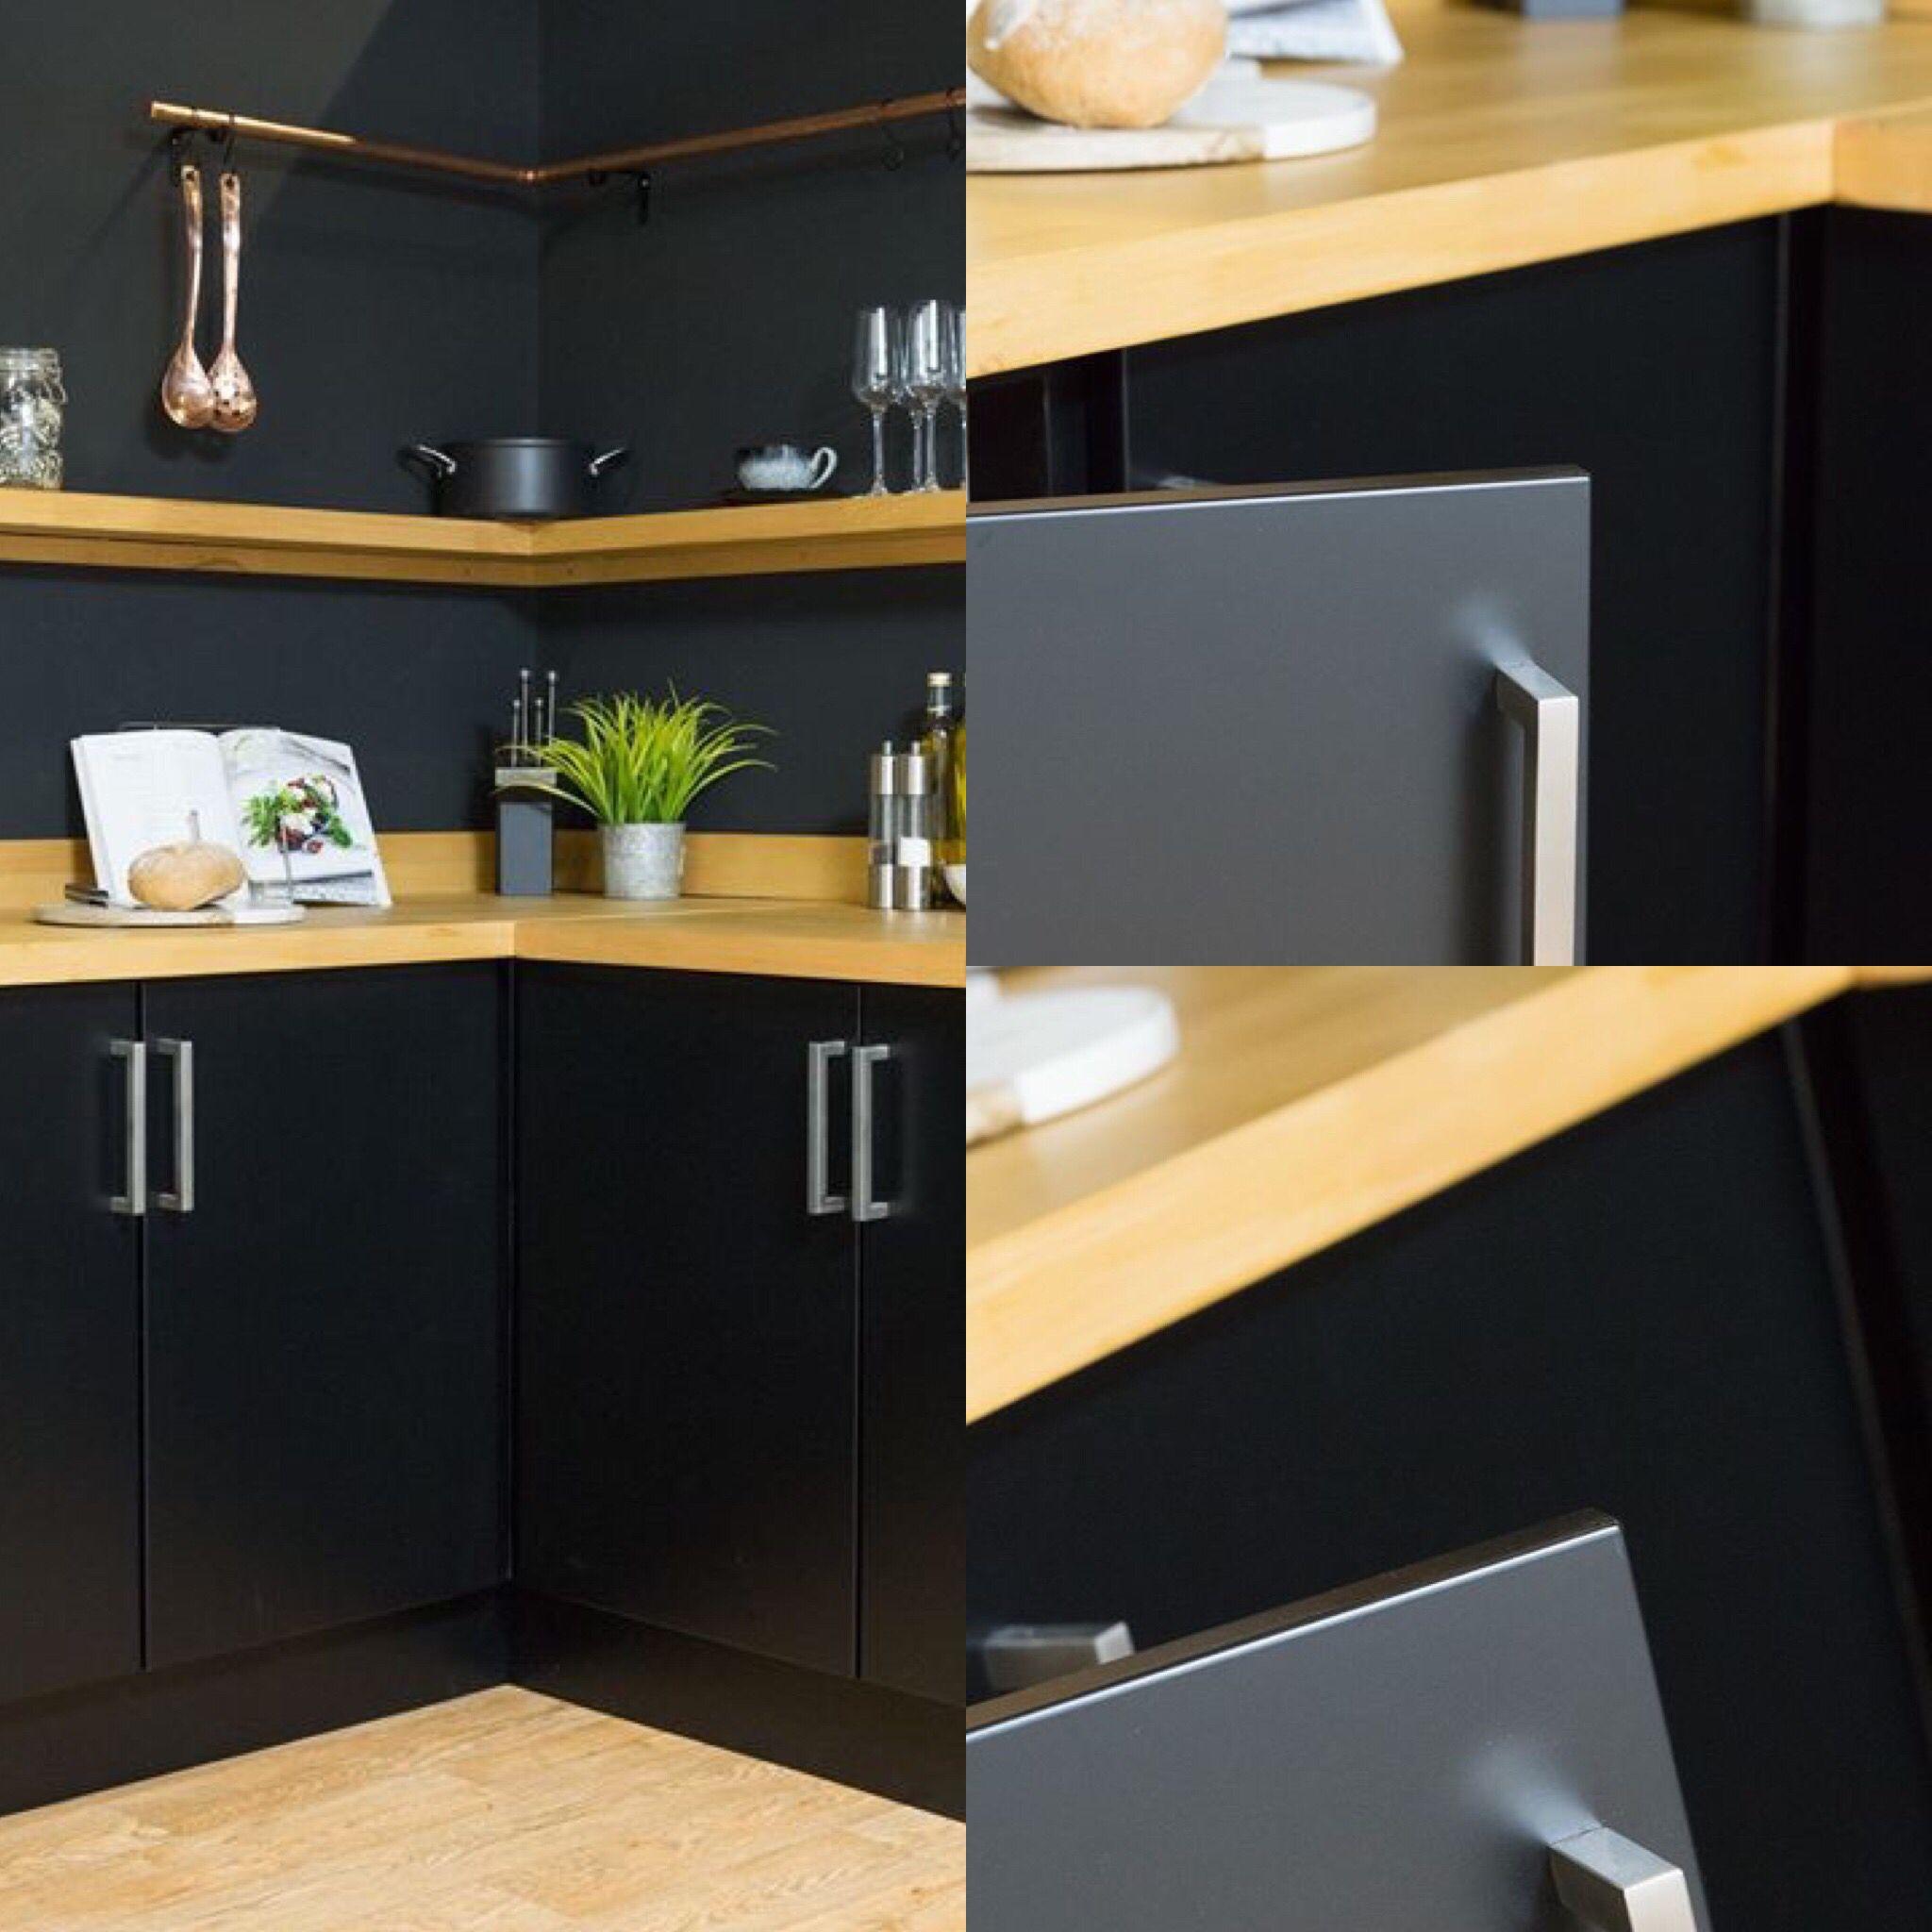 67 5cm X 2m D C Fix Matt Black Sticky Back Plastic Vinyl Wrap Film 346 8091 Kitchen Inspiration Design Kitchen Vinyl Dc Fix Kitchen